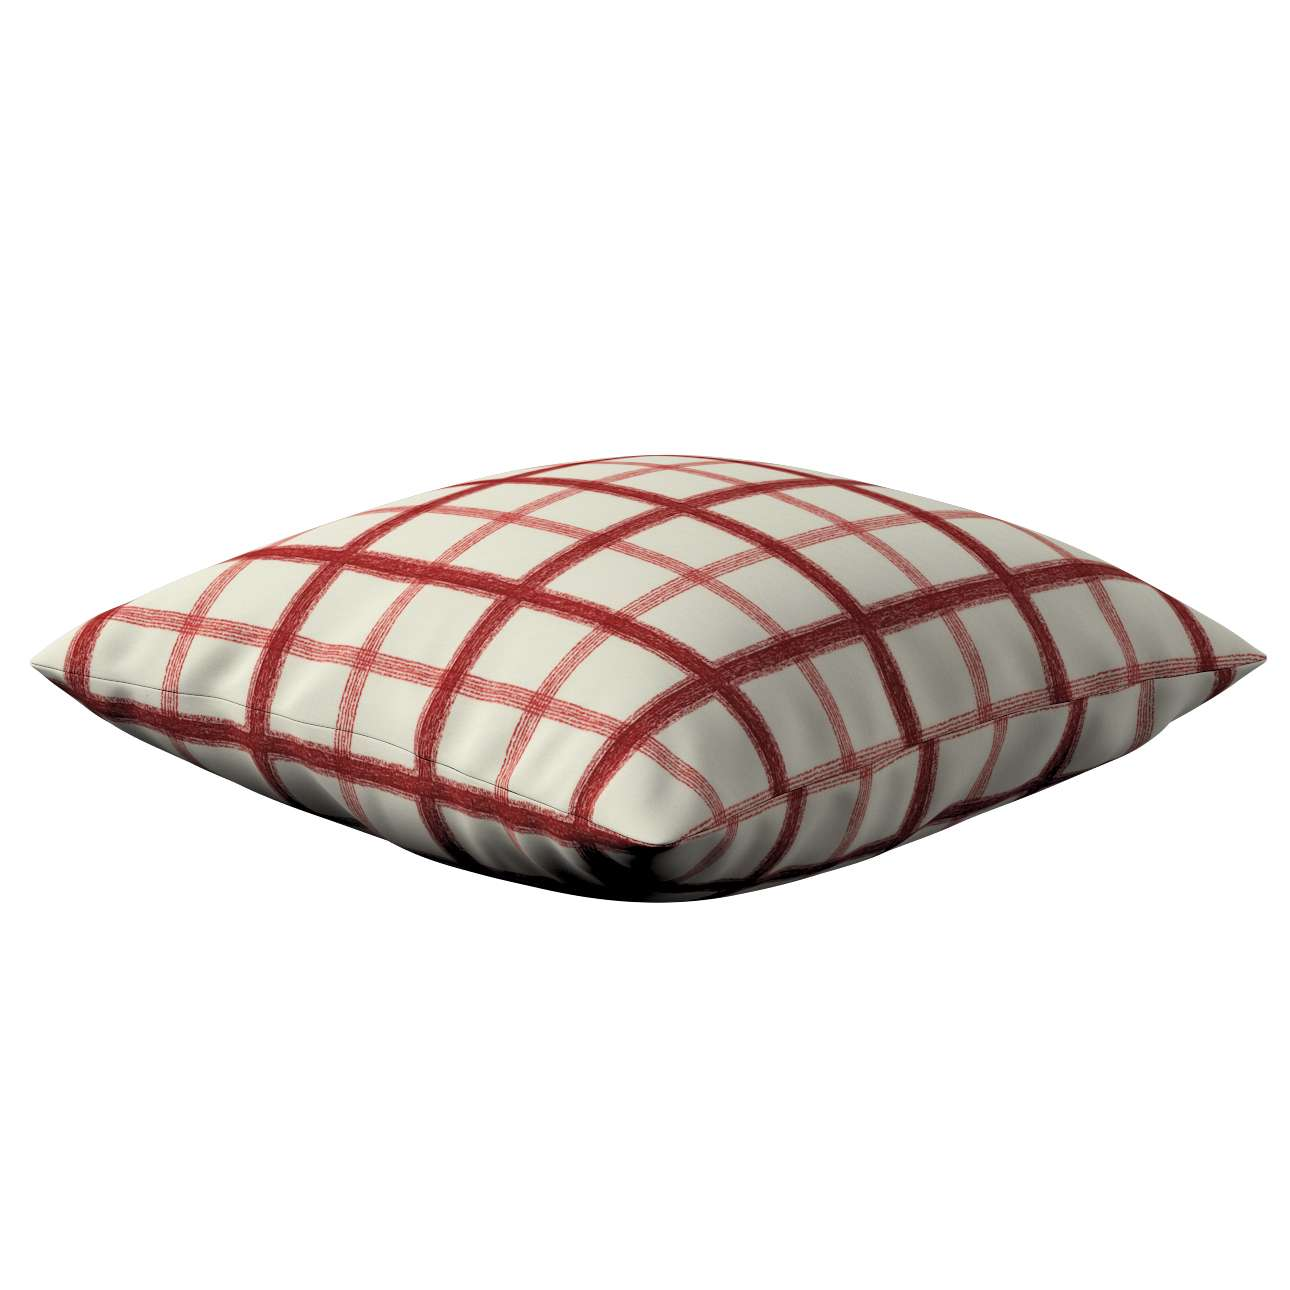 Kinga dekoratyvinės pagalvėlės užvalkalas 43 x 43 cm kolekcijoje Avinon, audinys: 131-15